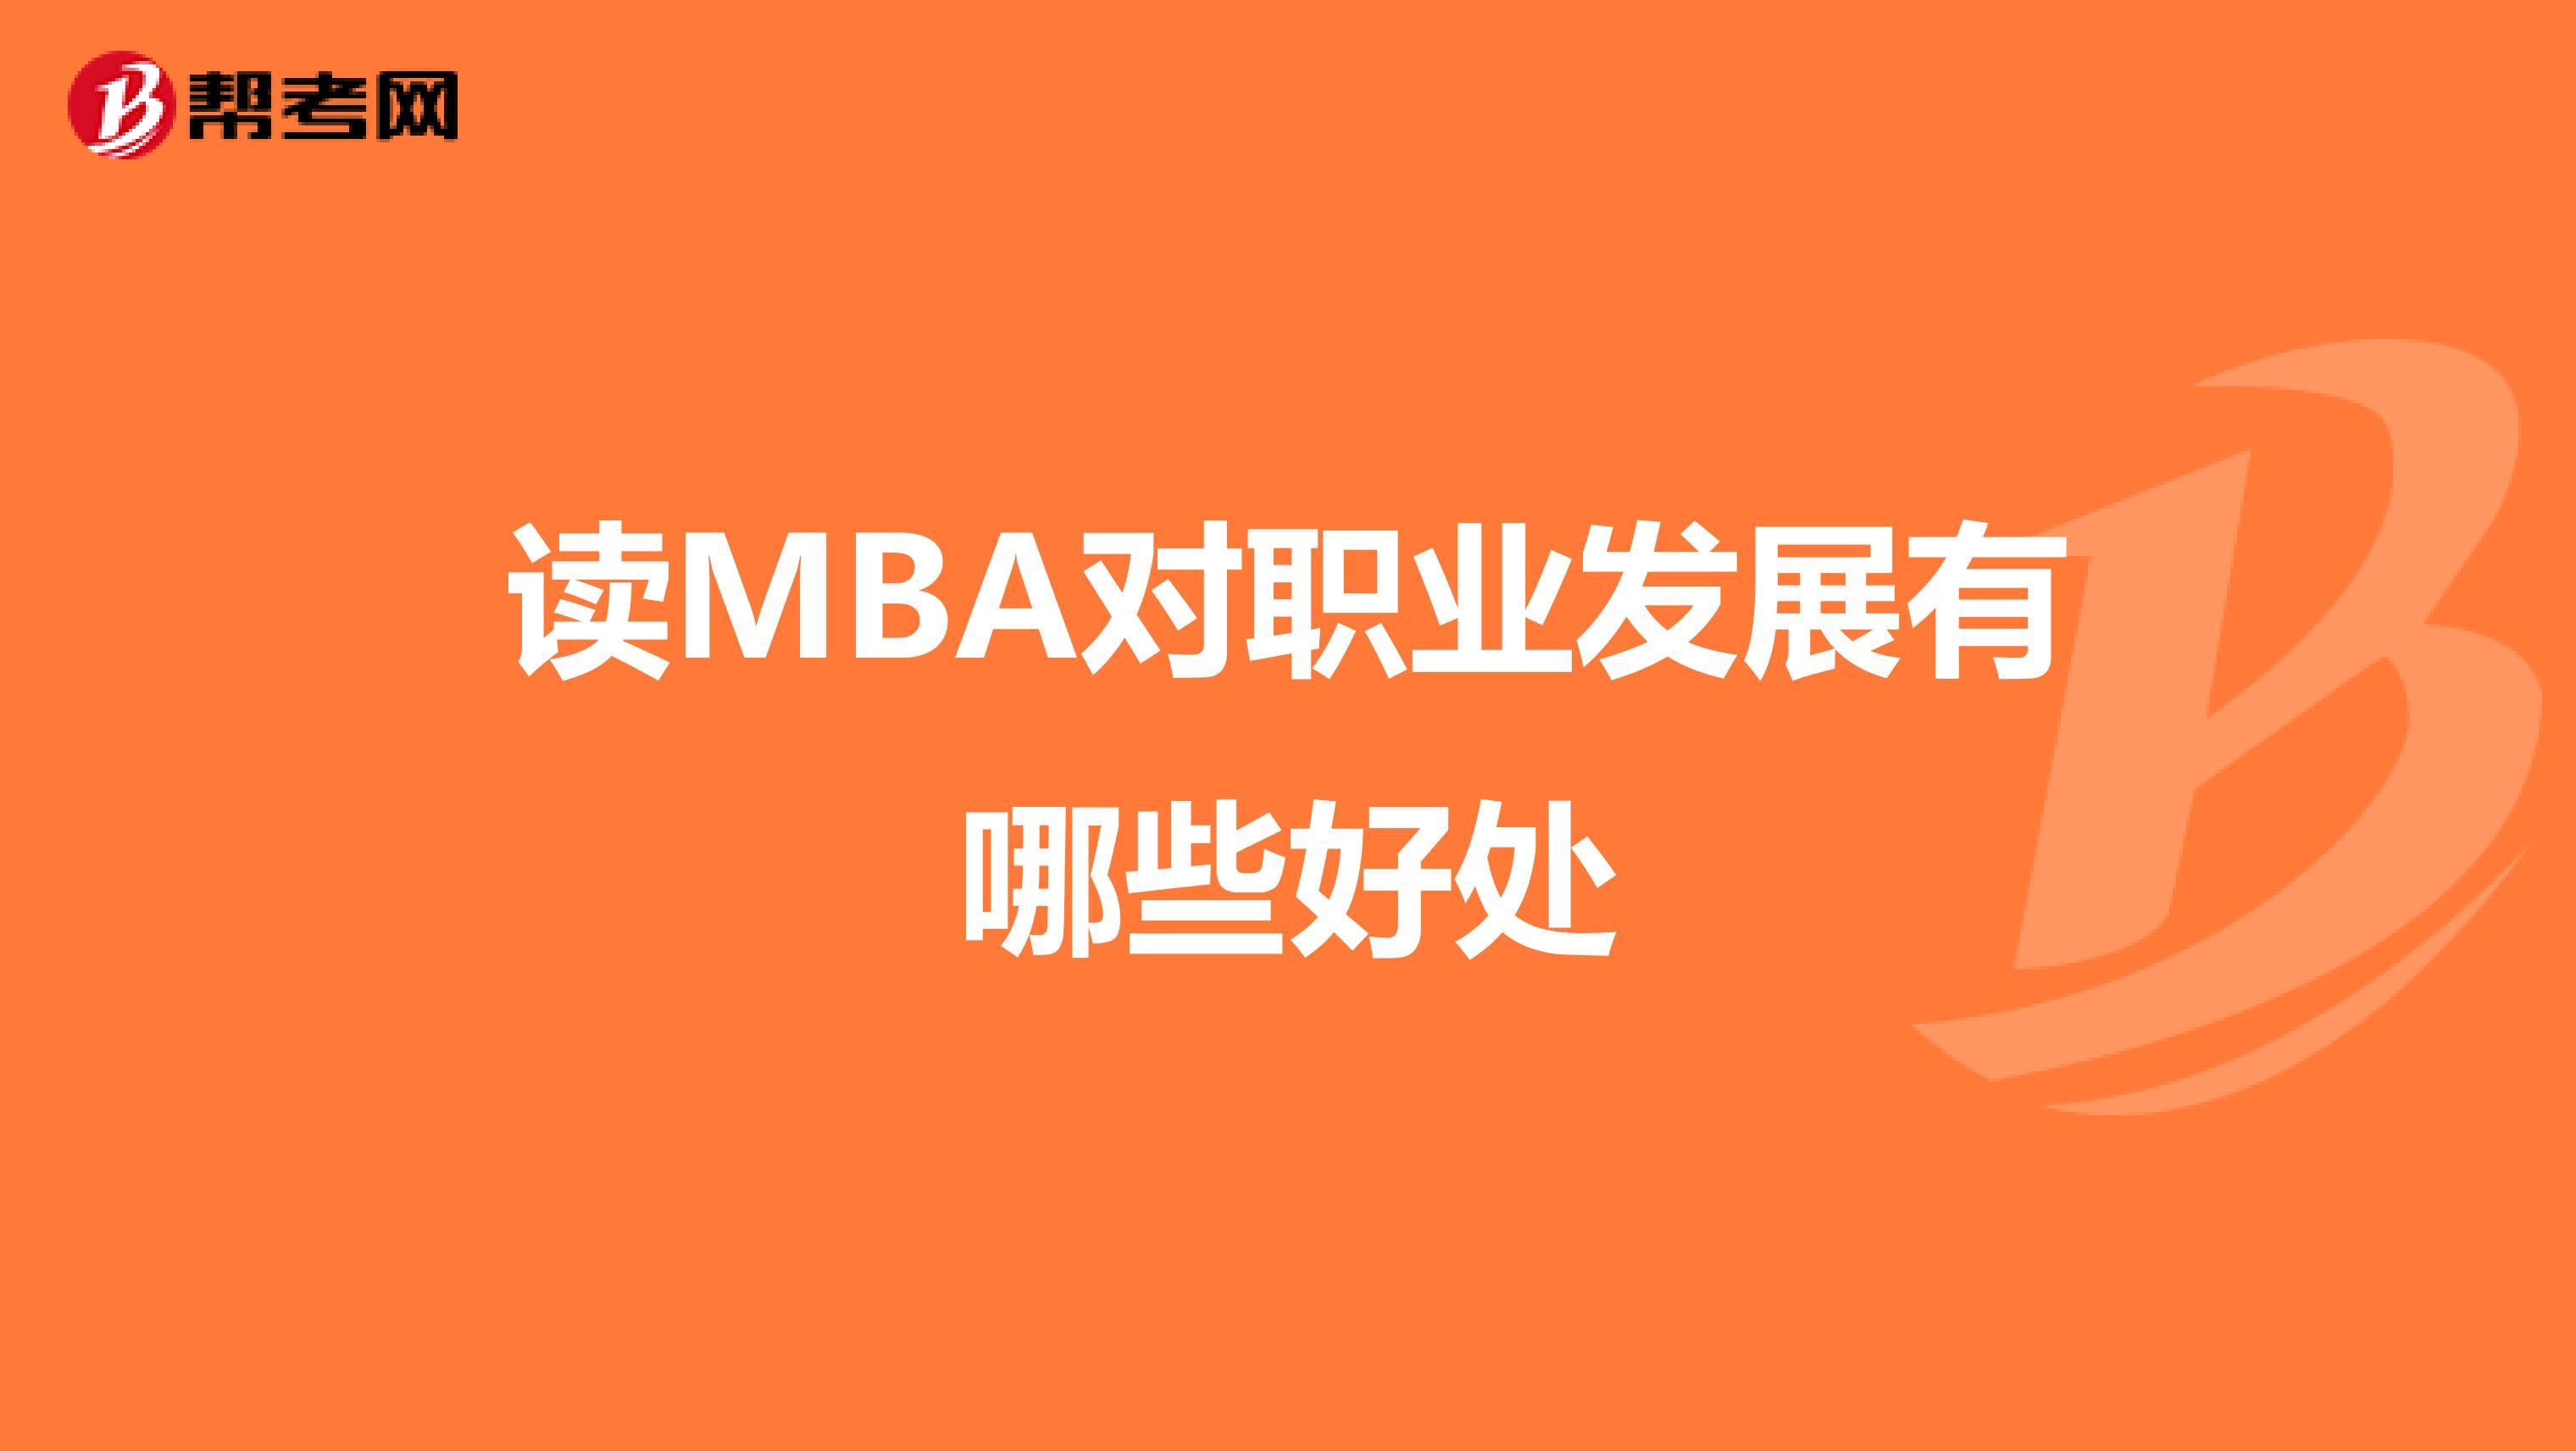 读MBA对职业发展有哪些好处